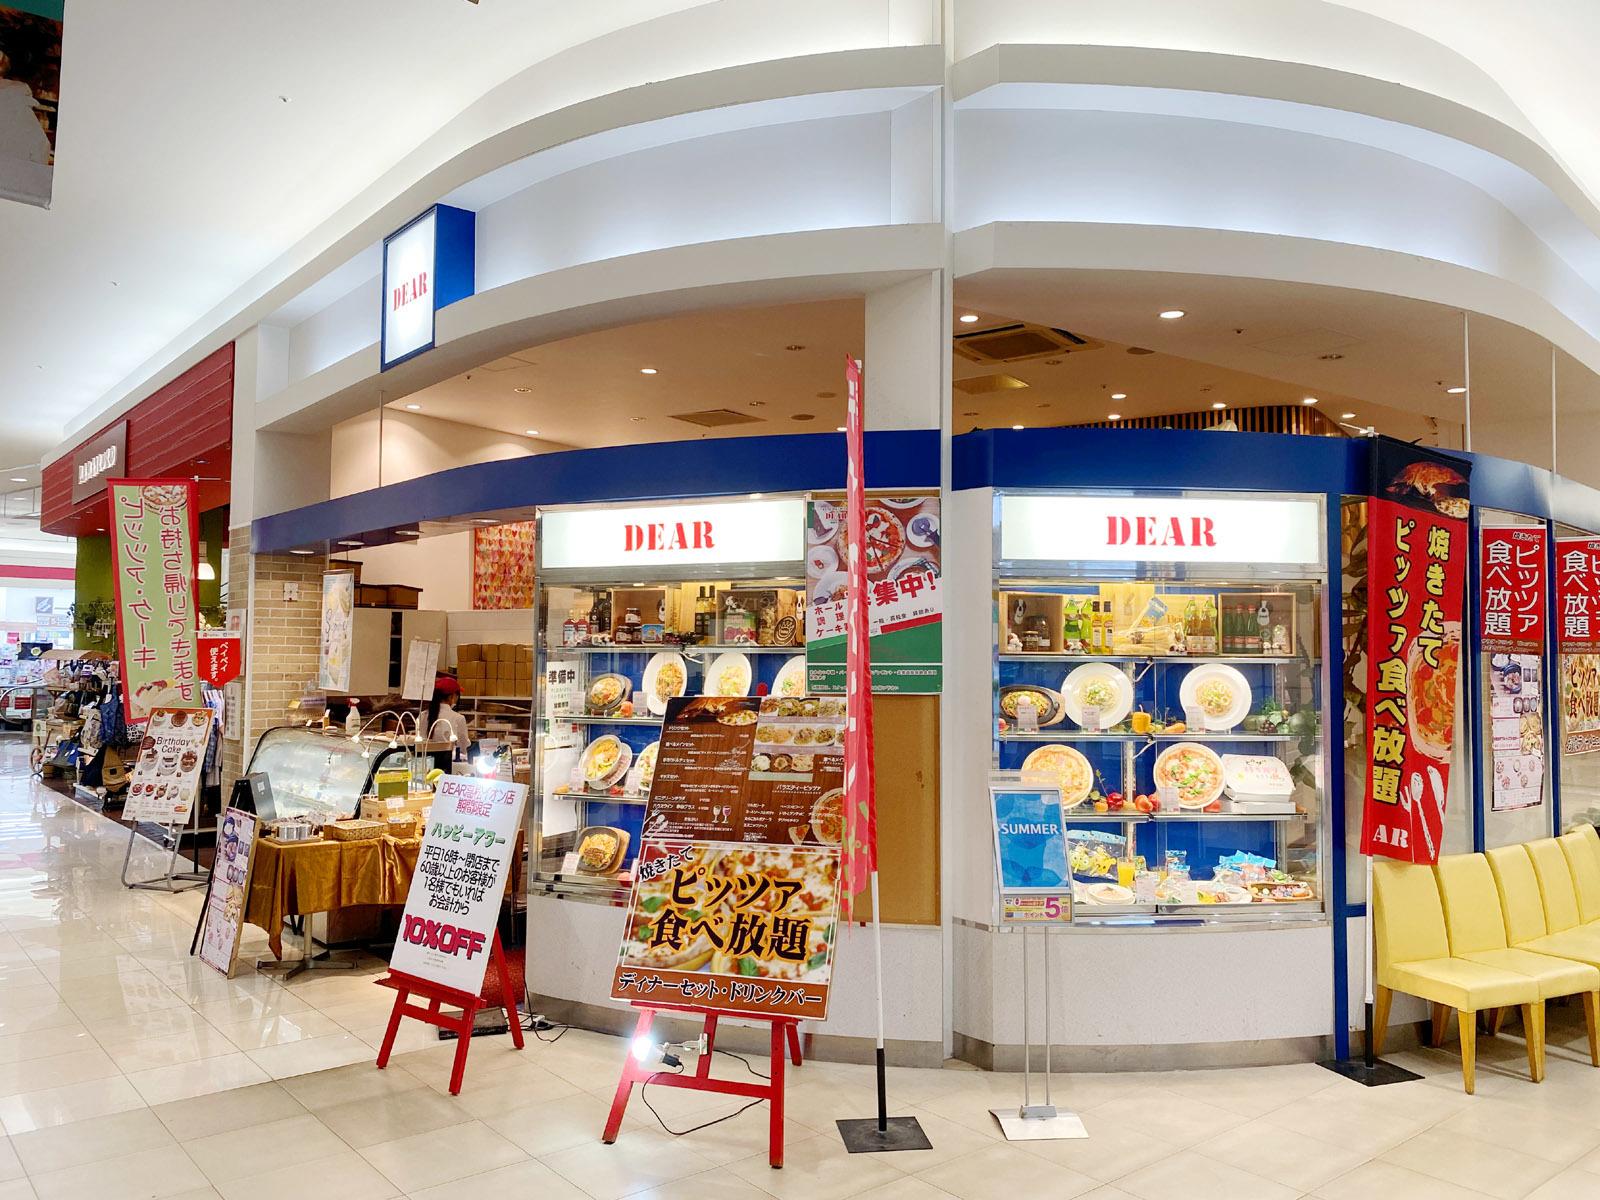 ディアー イオン高松店